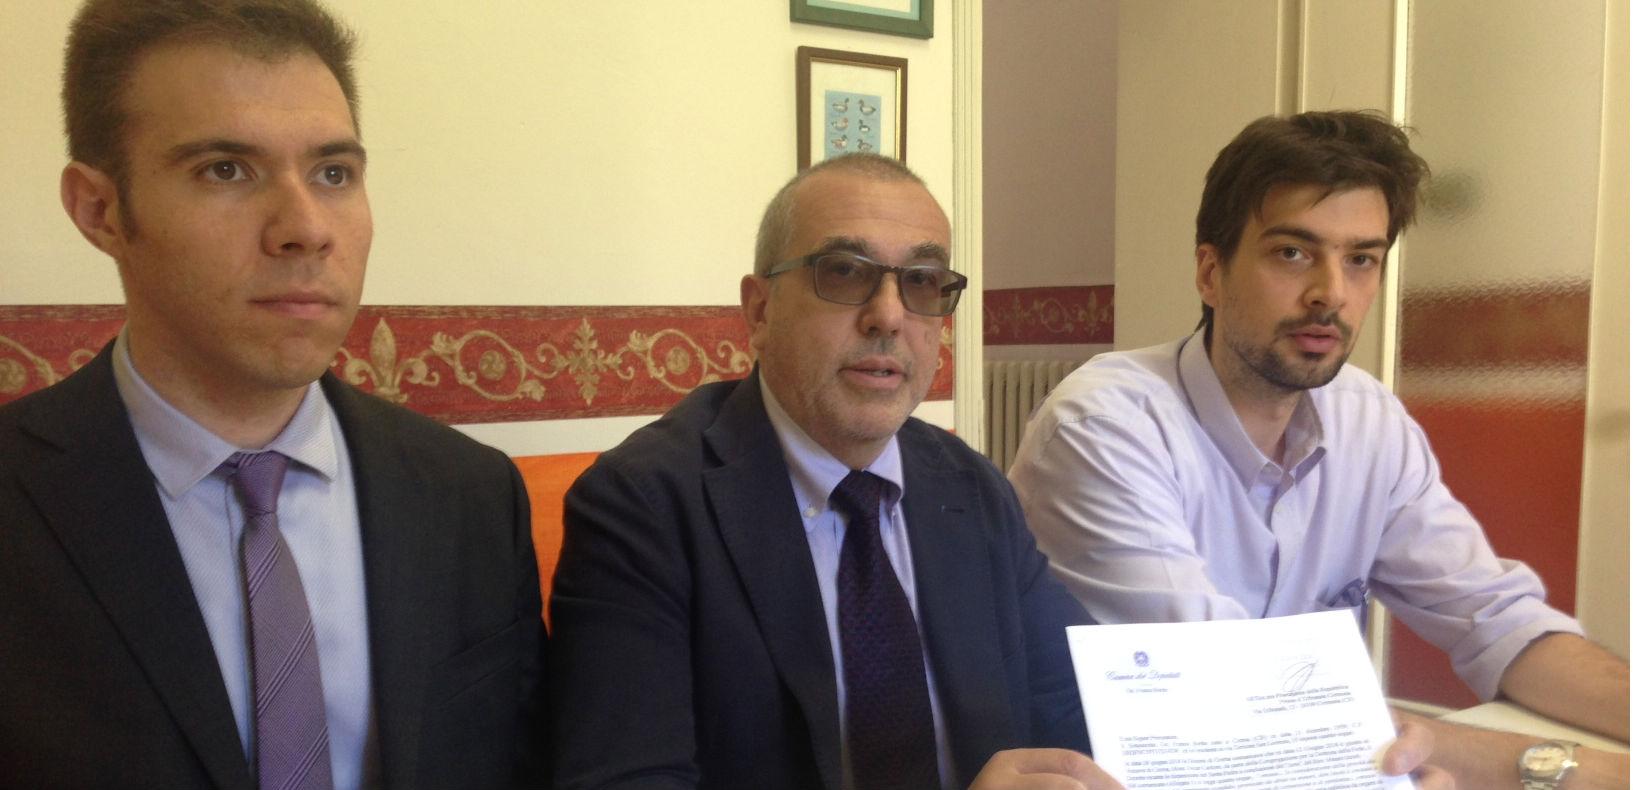 Bordo interroga la ministra in diretta tv sulle poste for Diretta dalla camera dei deputati